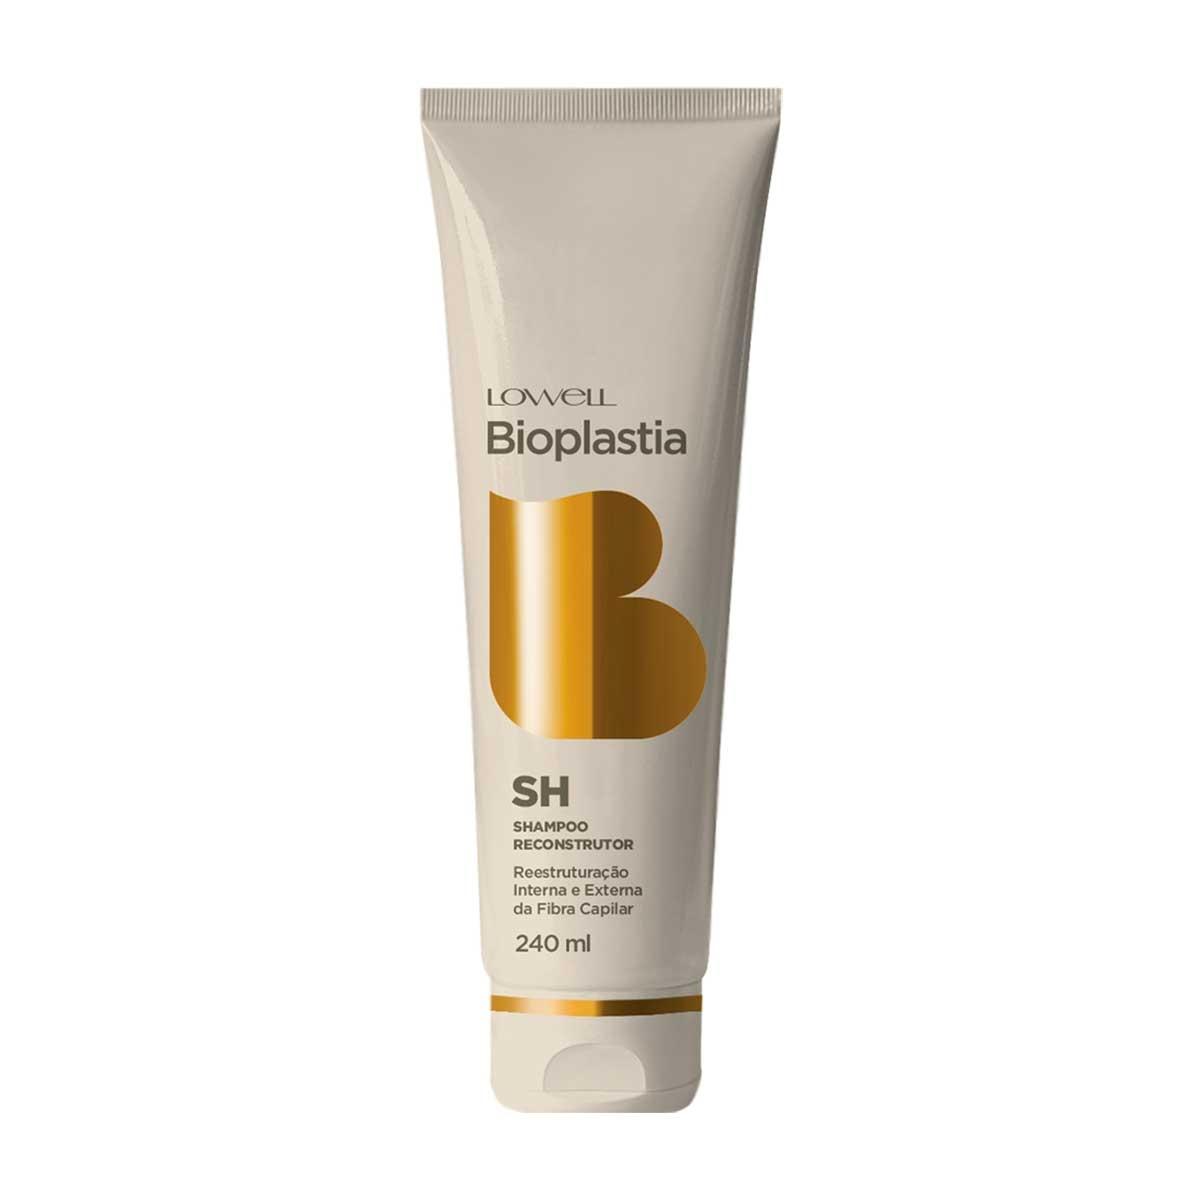 Shampoo Reconstrutor Lowell Bioplastia 240ml 240ml